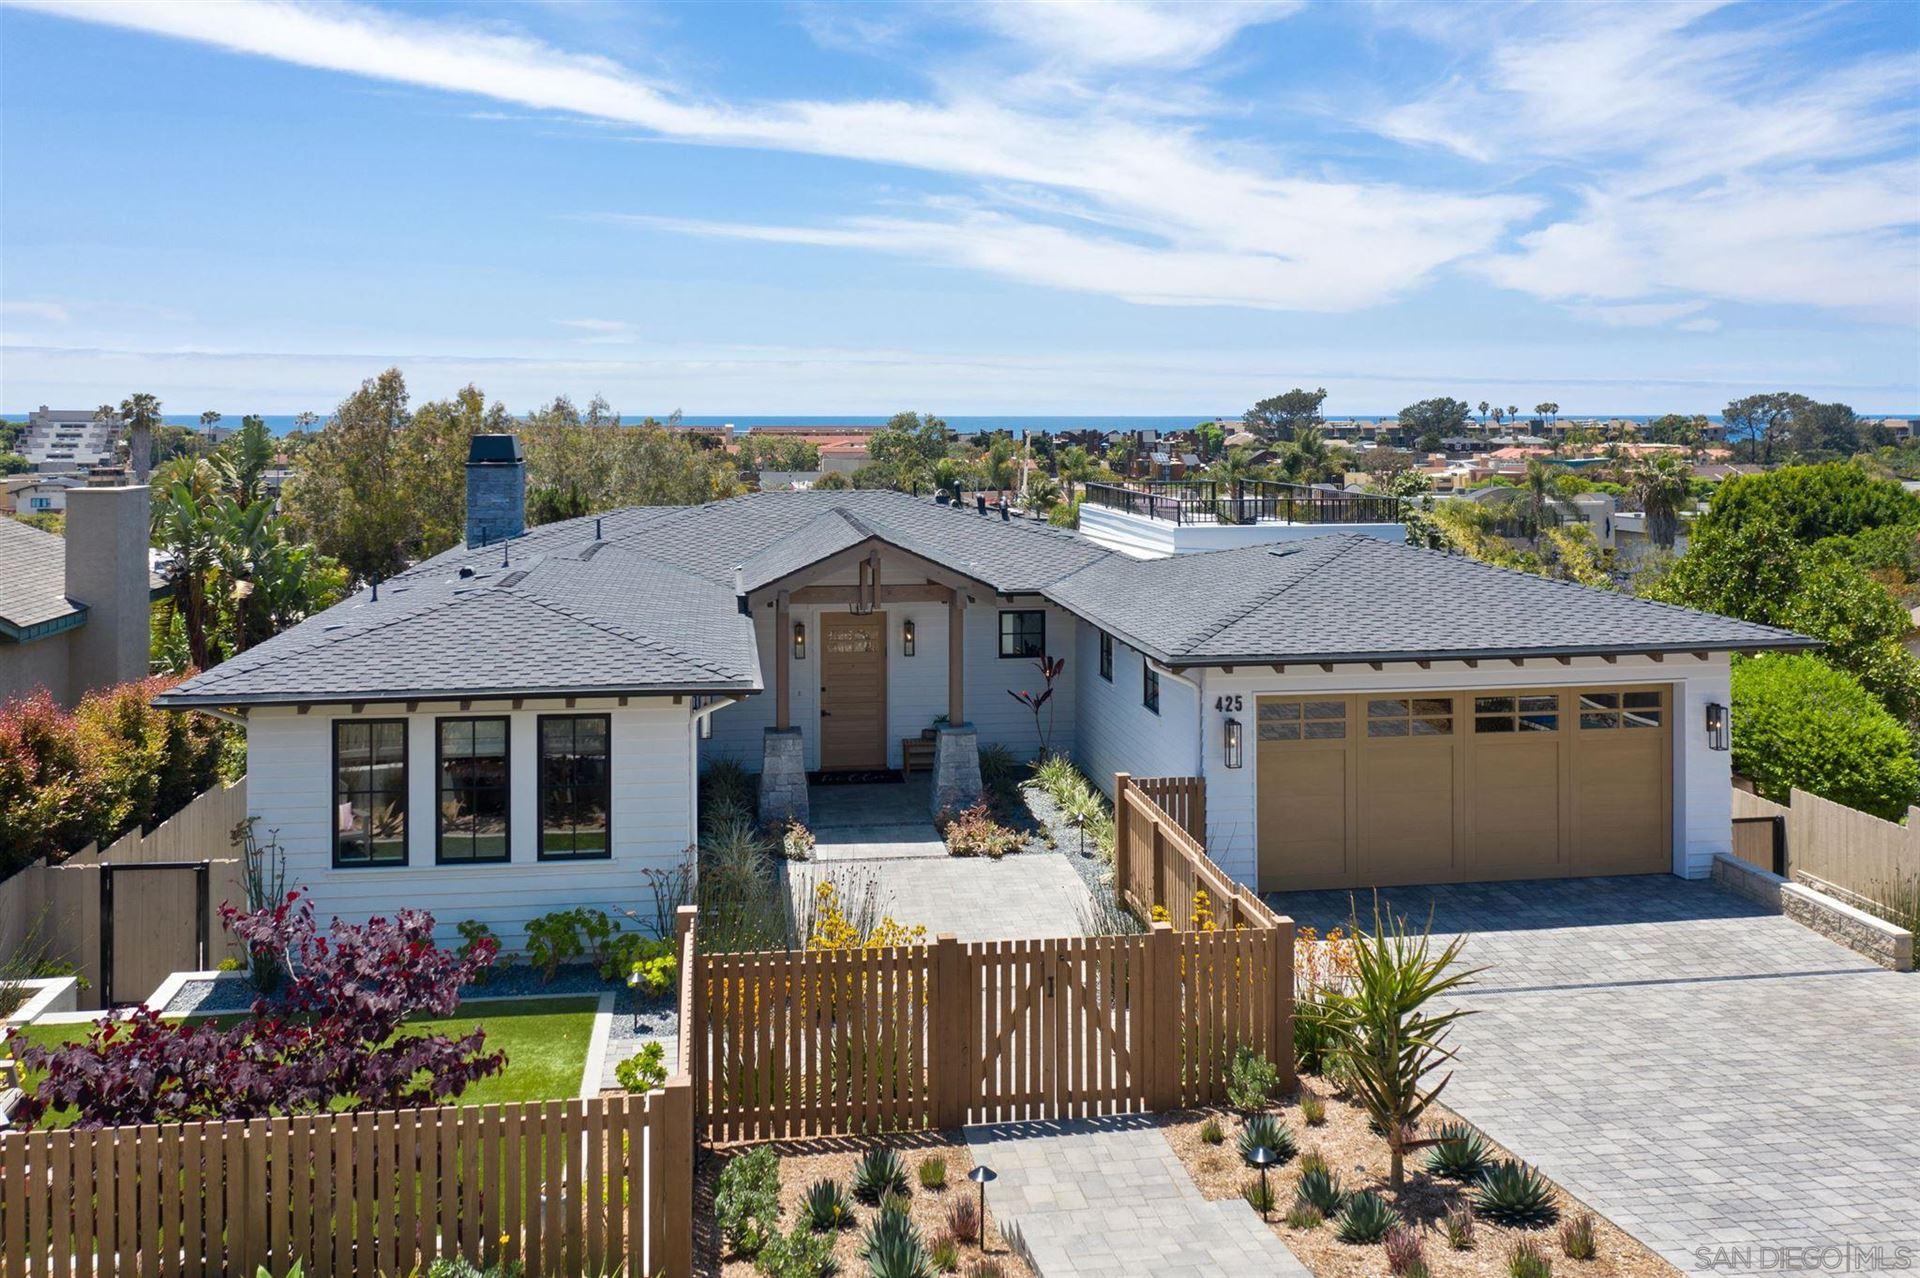 Photo of 425 S Rios Ave, Solana Beach, CA 92075 (MLS # 210015843)